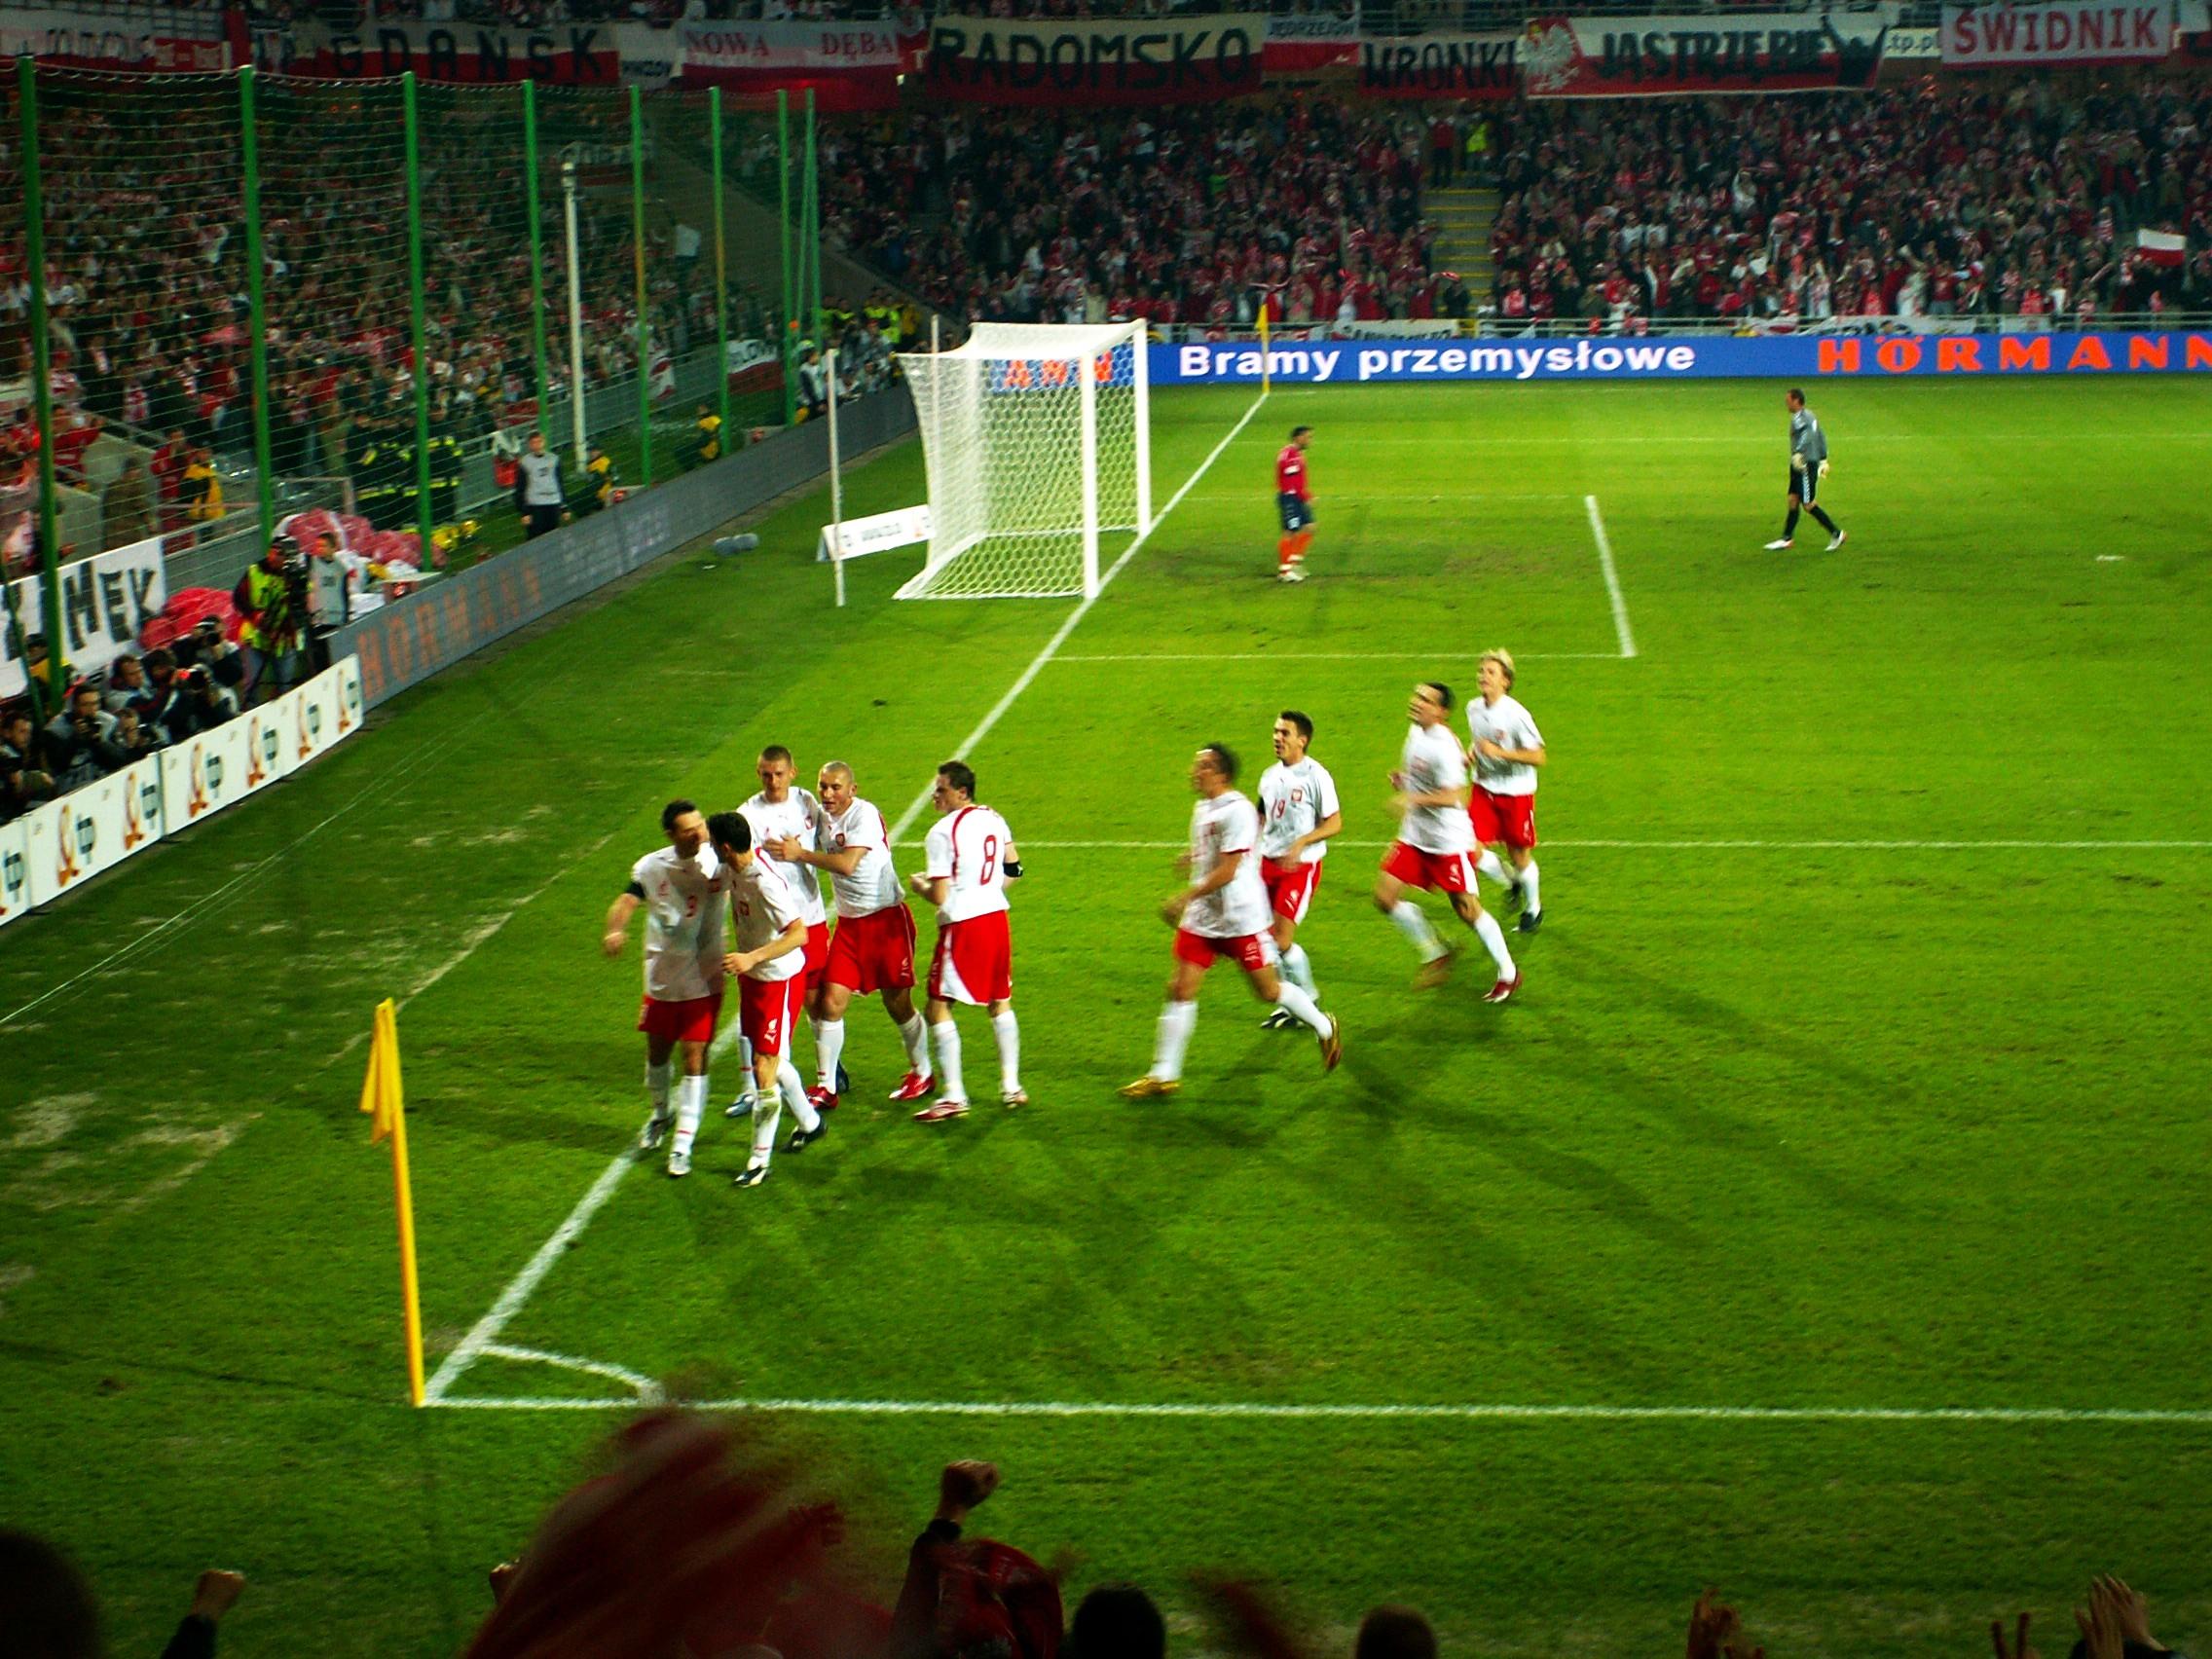 polska armenia mecz